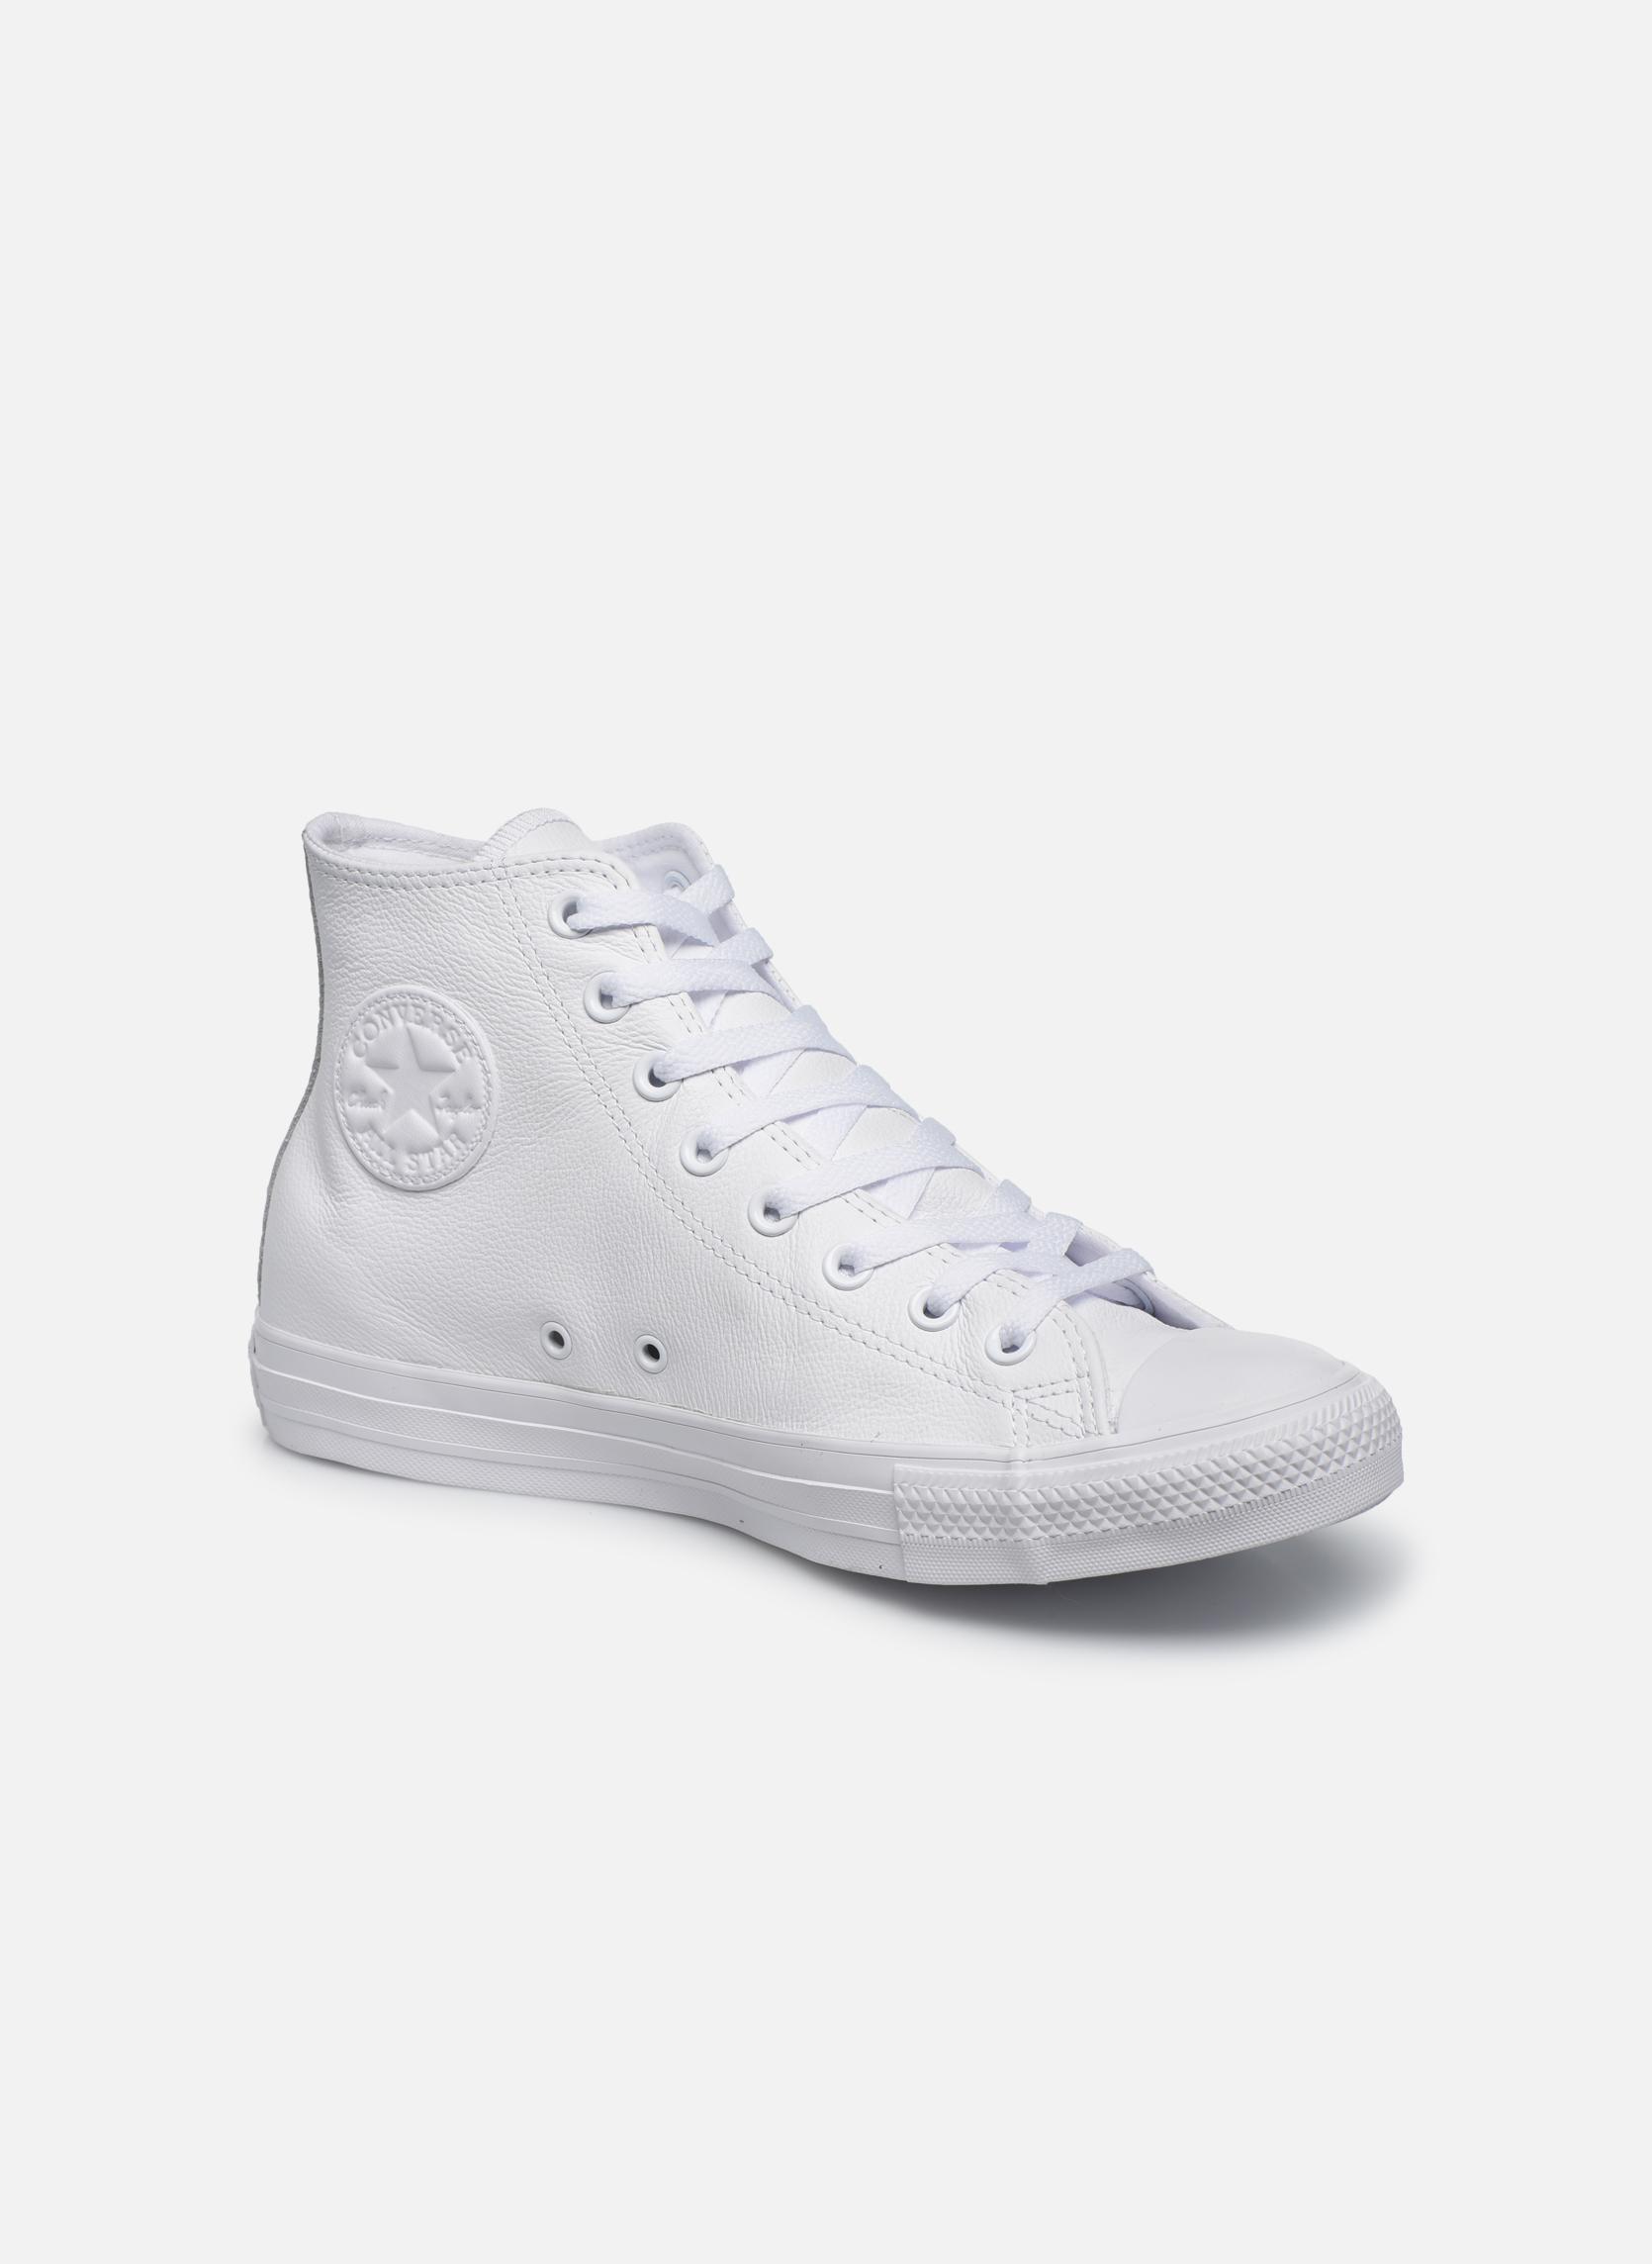 Grandes descuentos últimos zapatos Converse Chuck Taylor All Star Mono Leather Hi W (Blanco) - Deportivas Descuento